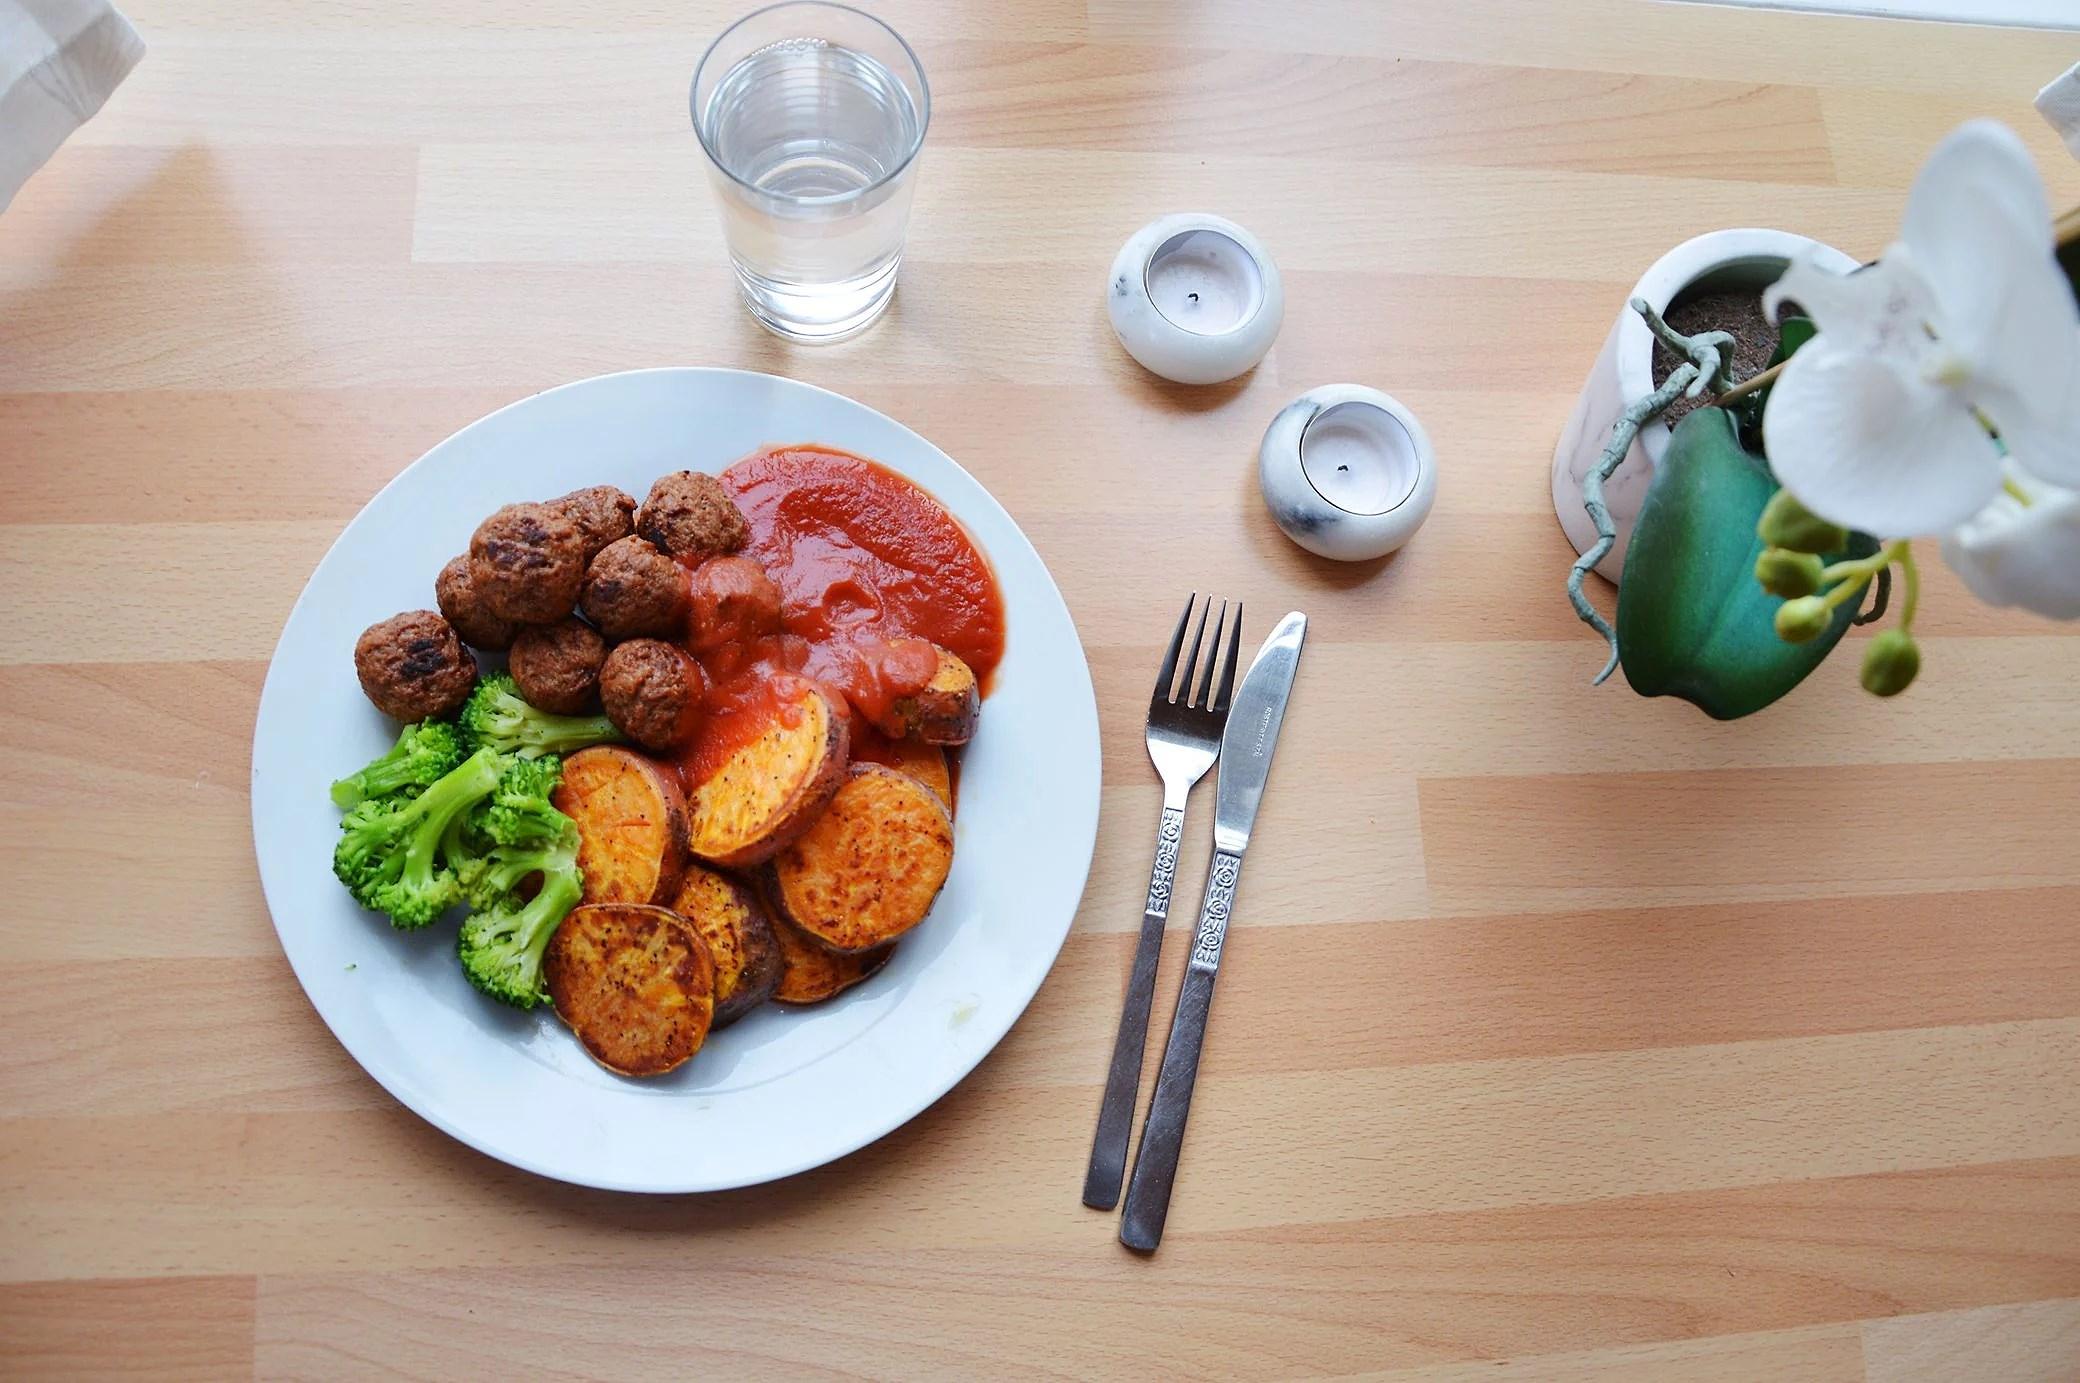 Sojabullar från Hälsans kök